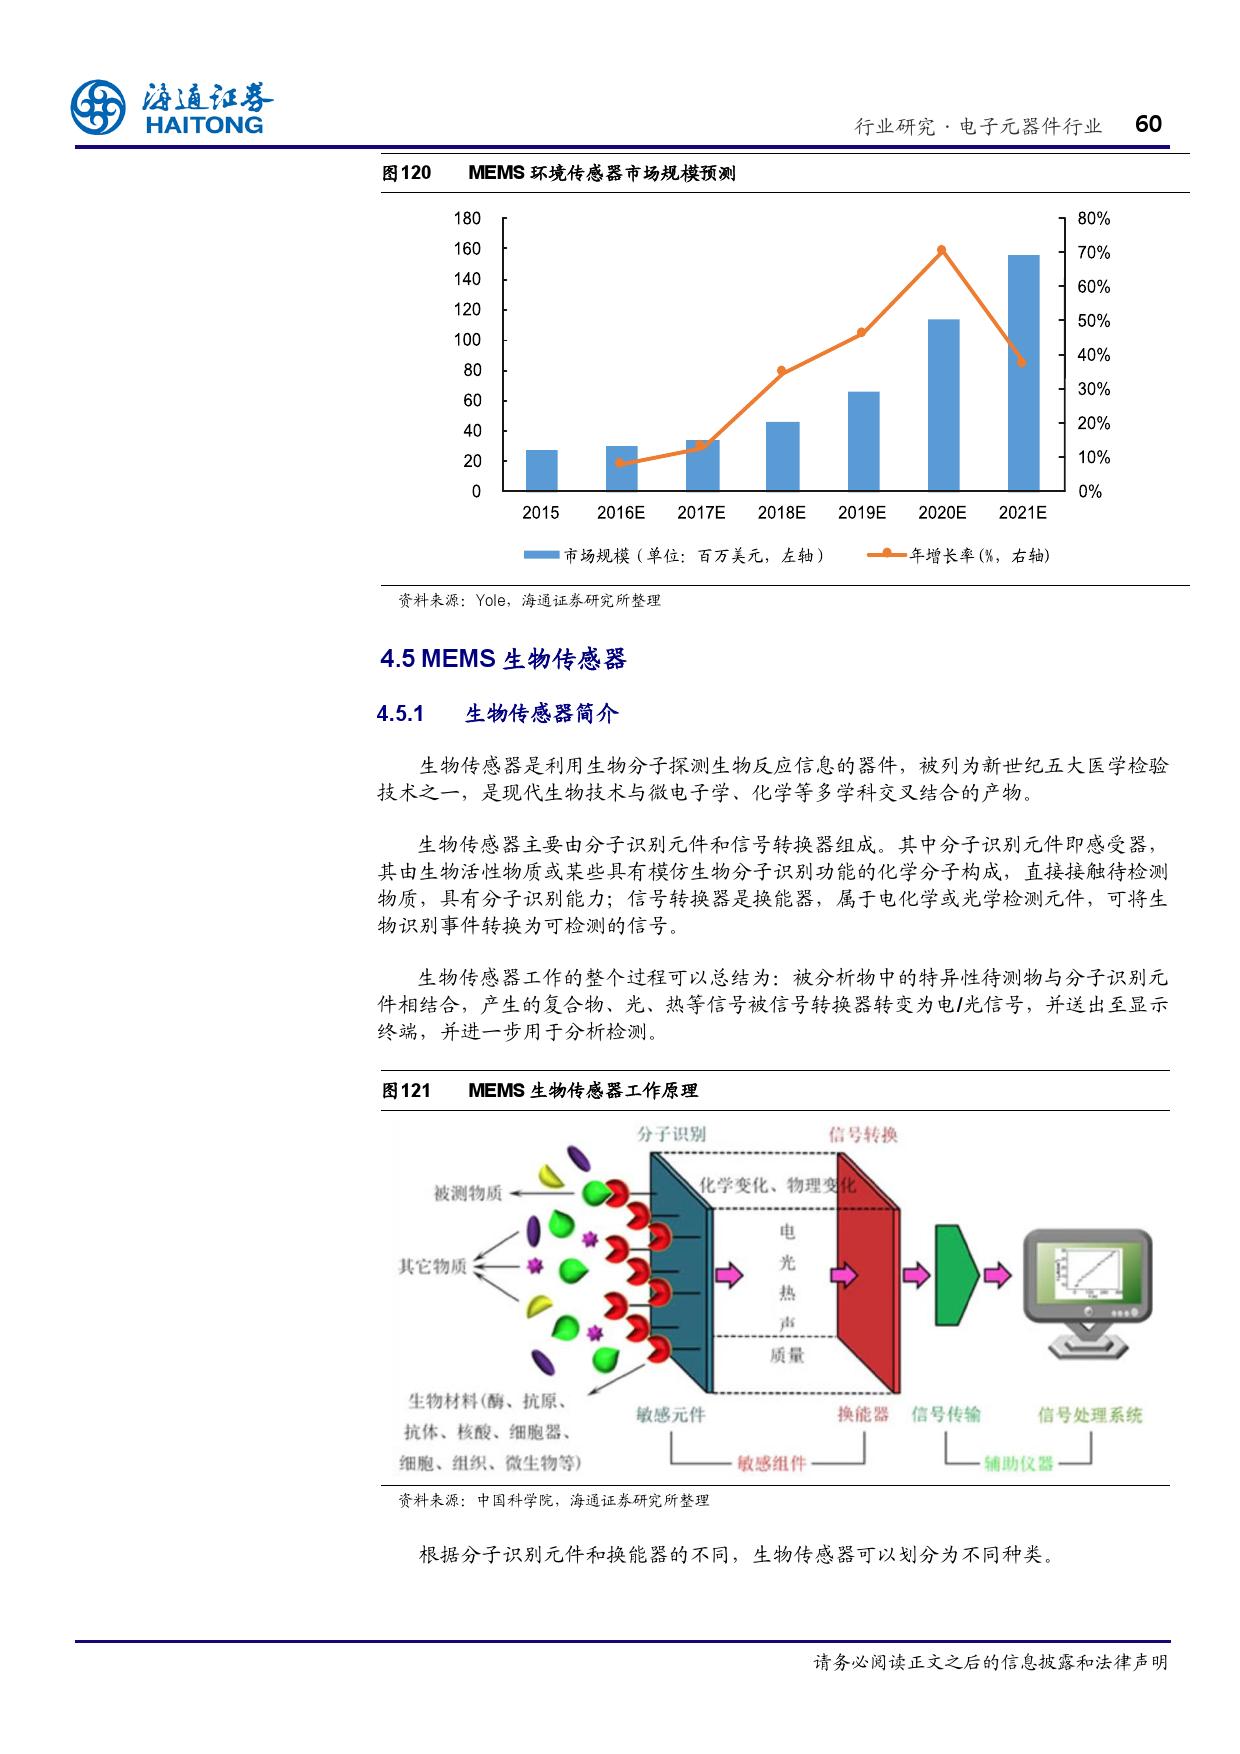 报告全解传感器全球产业链_000060